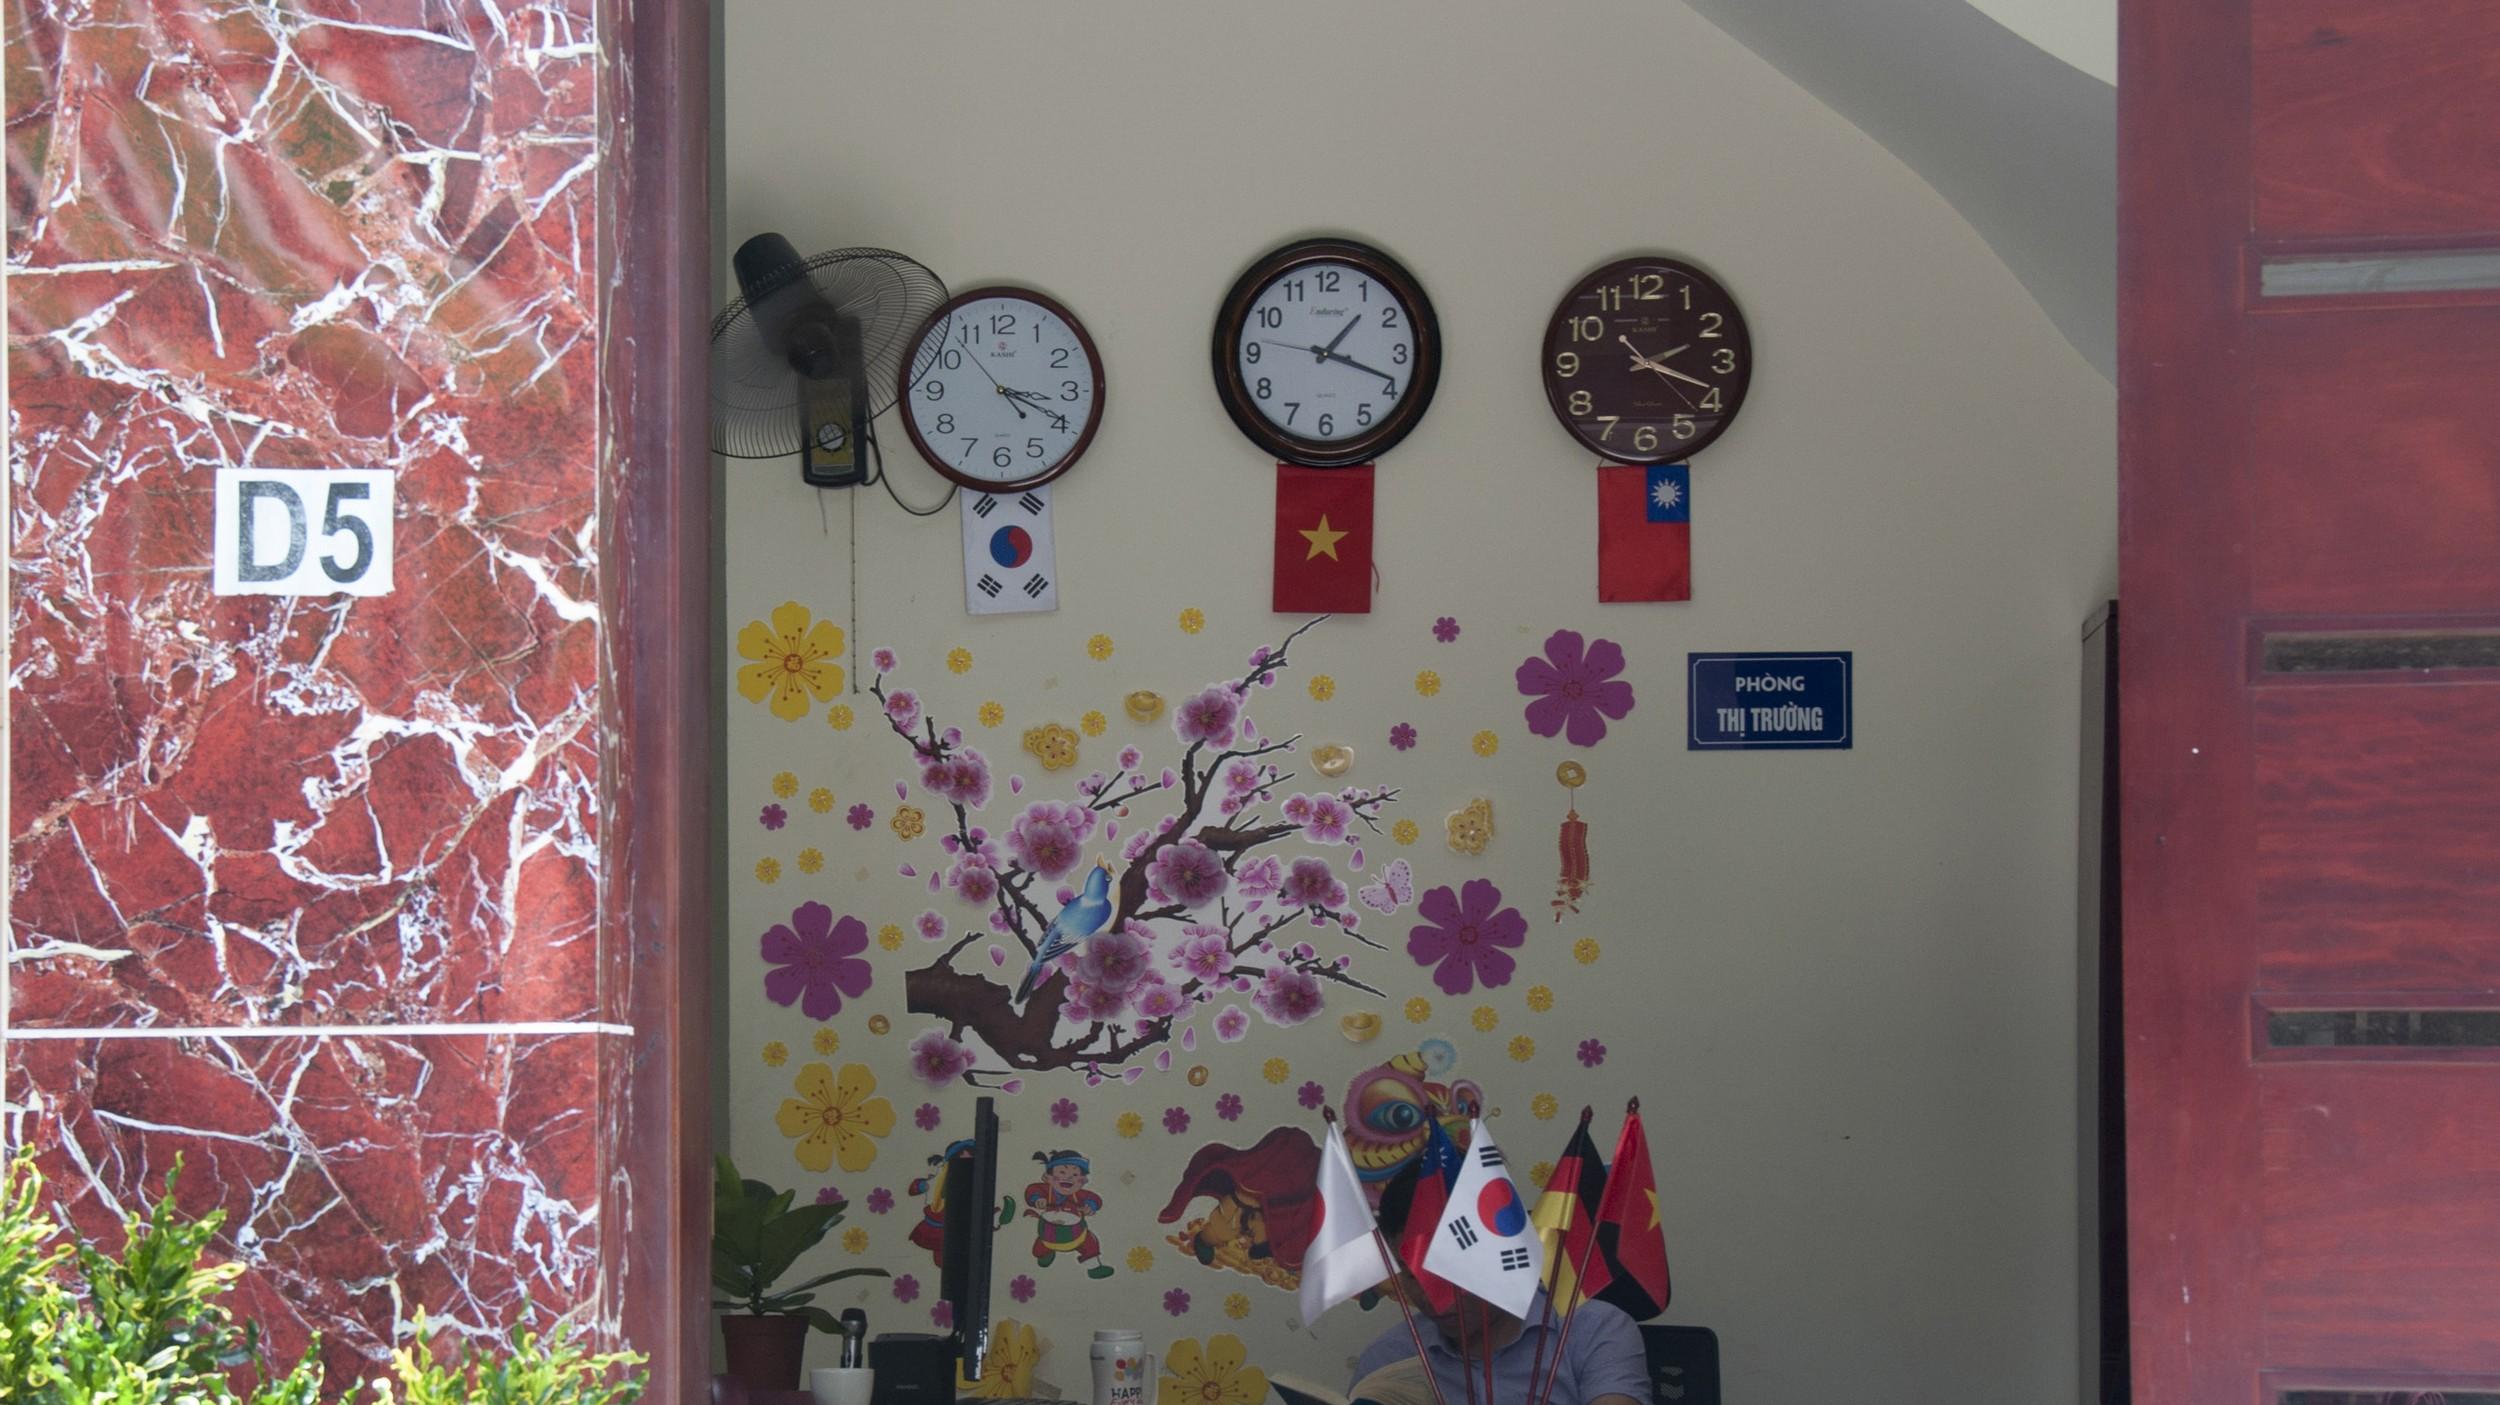 图说:专营台湾市场的越南中介公司,门口没有明显的招牌,桌上的中华民国国旗是少数可辨认的线索,如今也多了日本、韩国的国旗。(摄影/简永达)